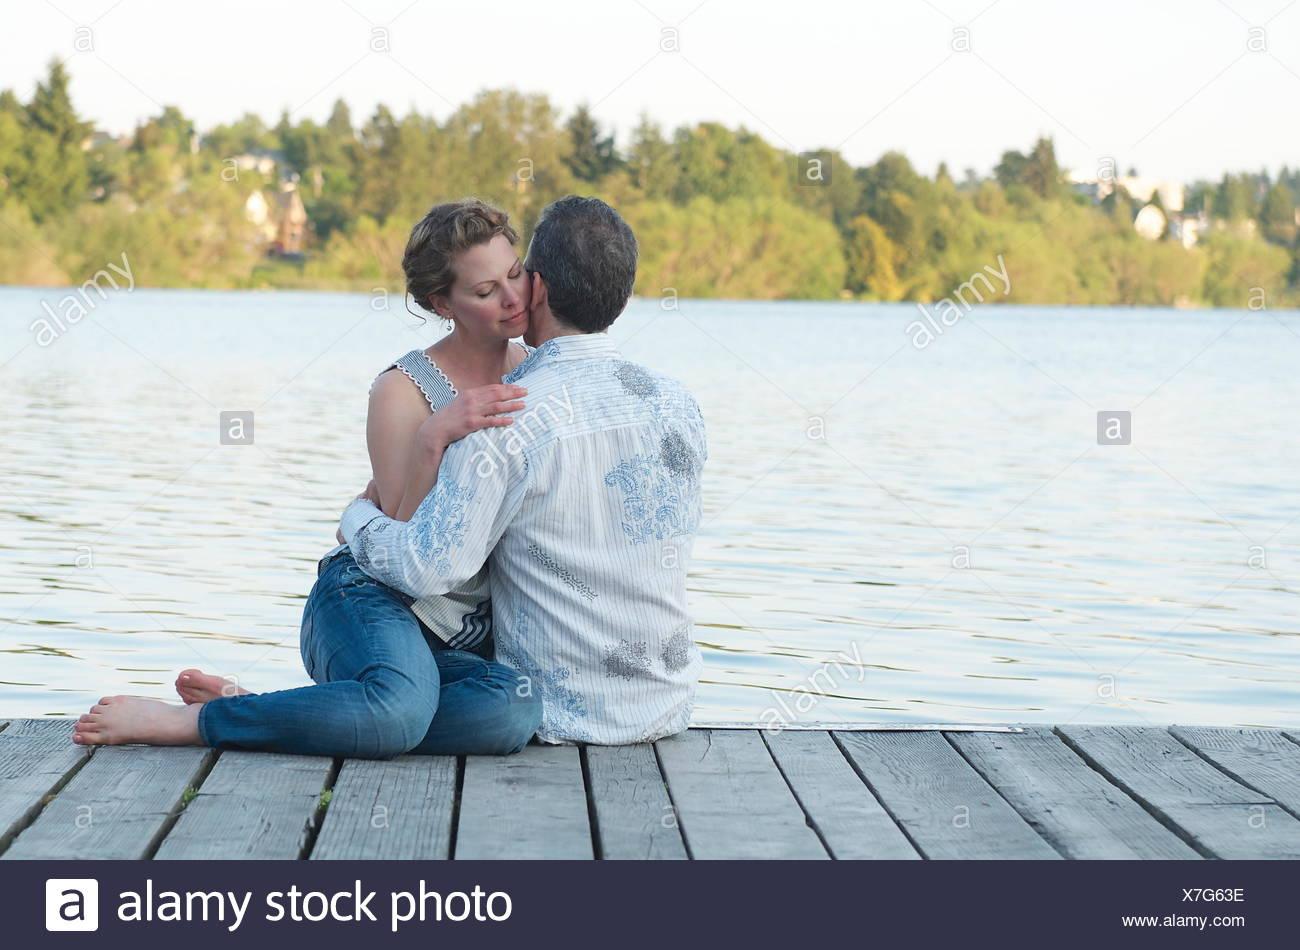 Giovane seduto su di un molo in legno abbracciando Immagini Stock